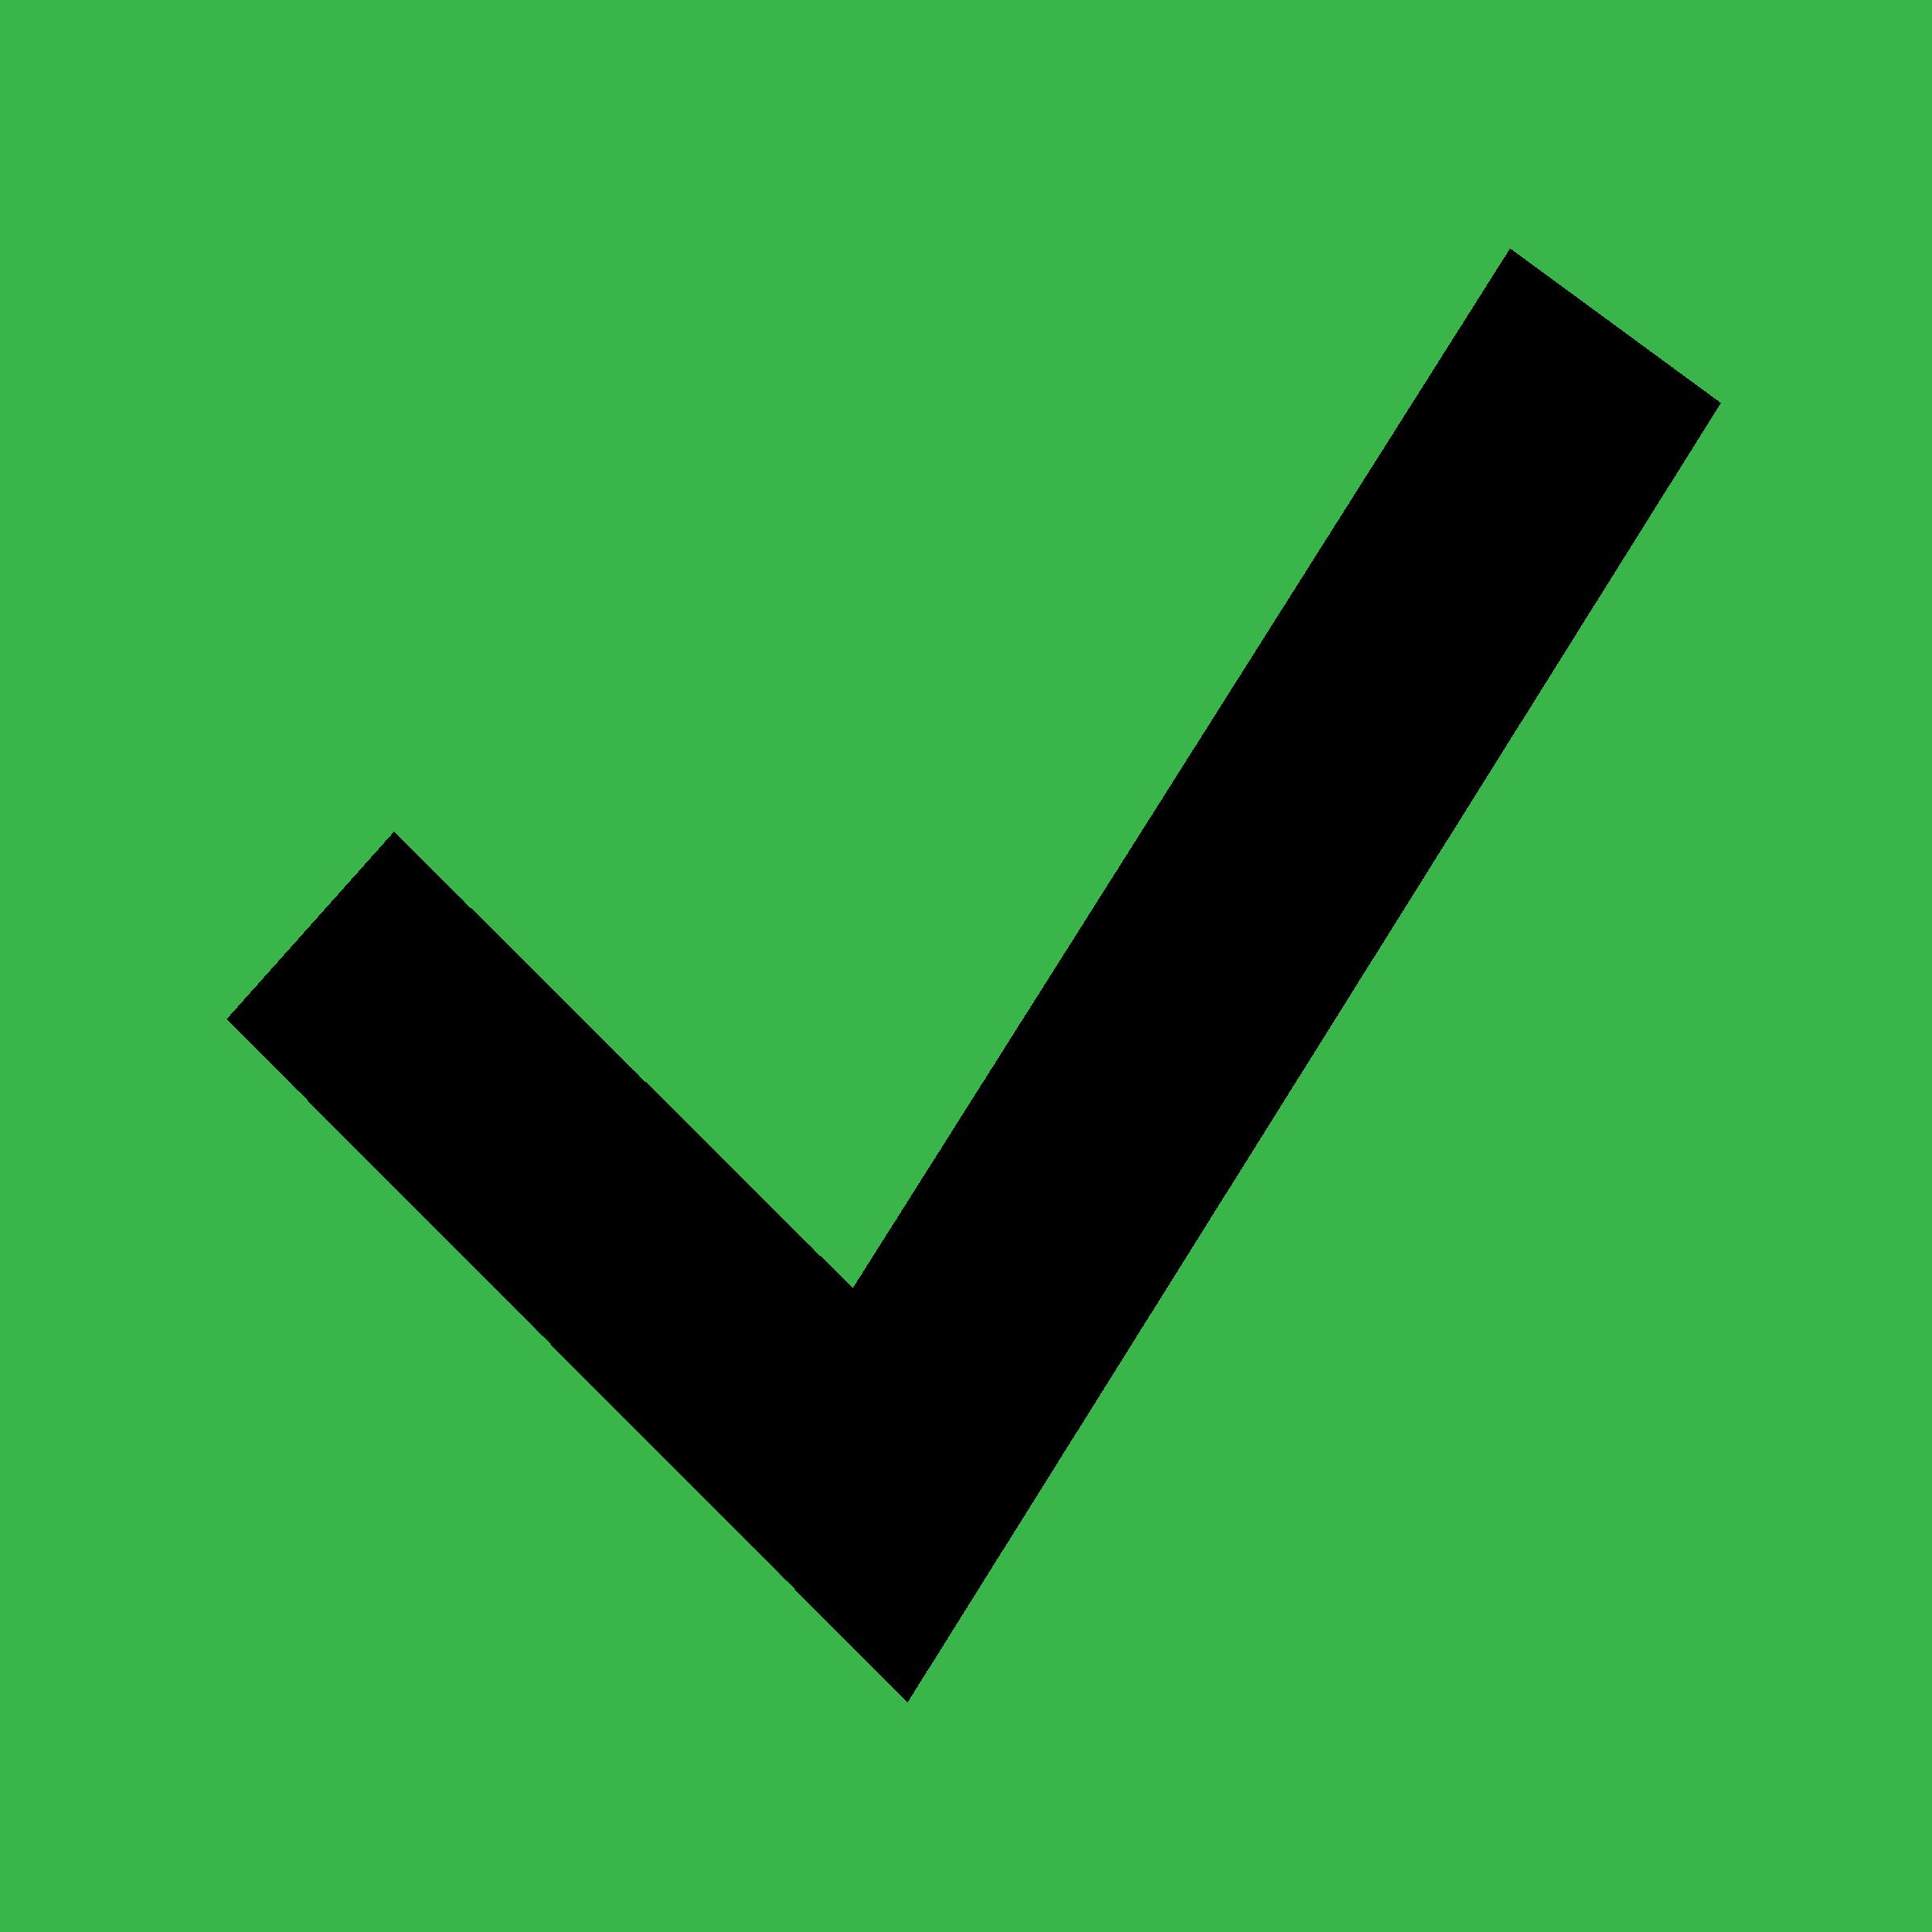 Check mark Checkbox Clip art.